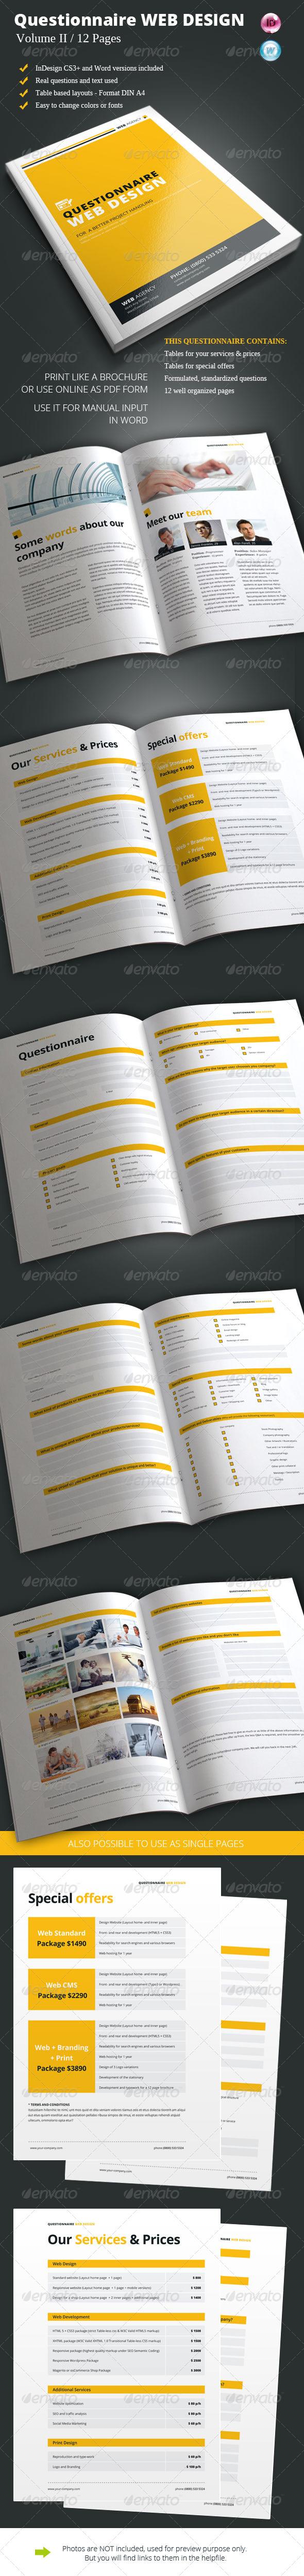 GraphicRiver Questionnaire Web Design Vol II 6837693